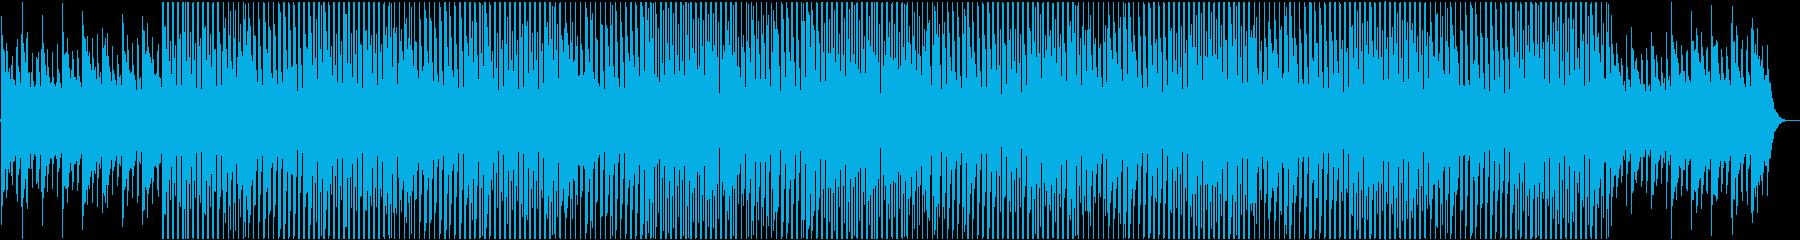 ベルとピアノの楽しいクリスマスソングの再生済みの波形